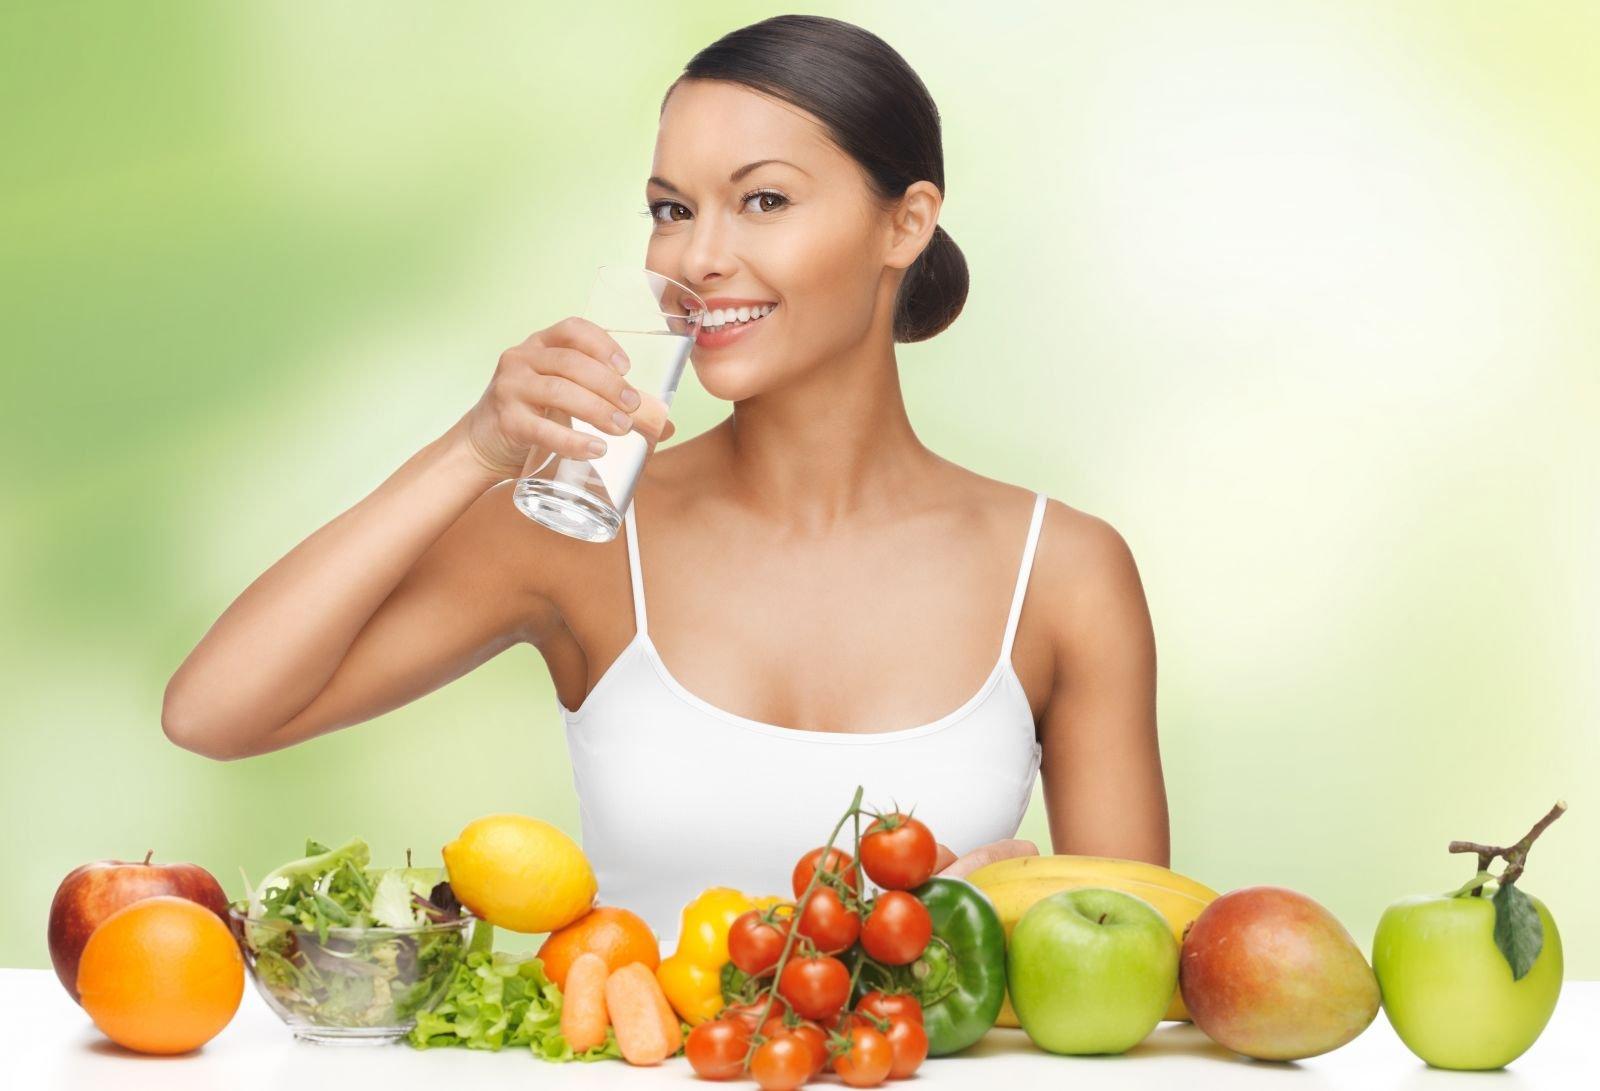 Диетолог Как Похудеть. Худеем с умом: питание на неделю для стройной фигуры